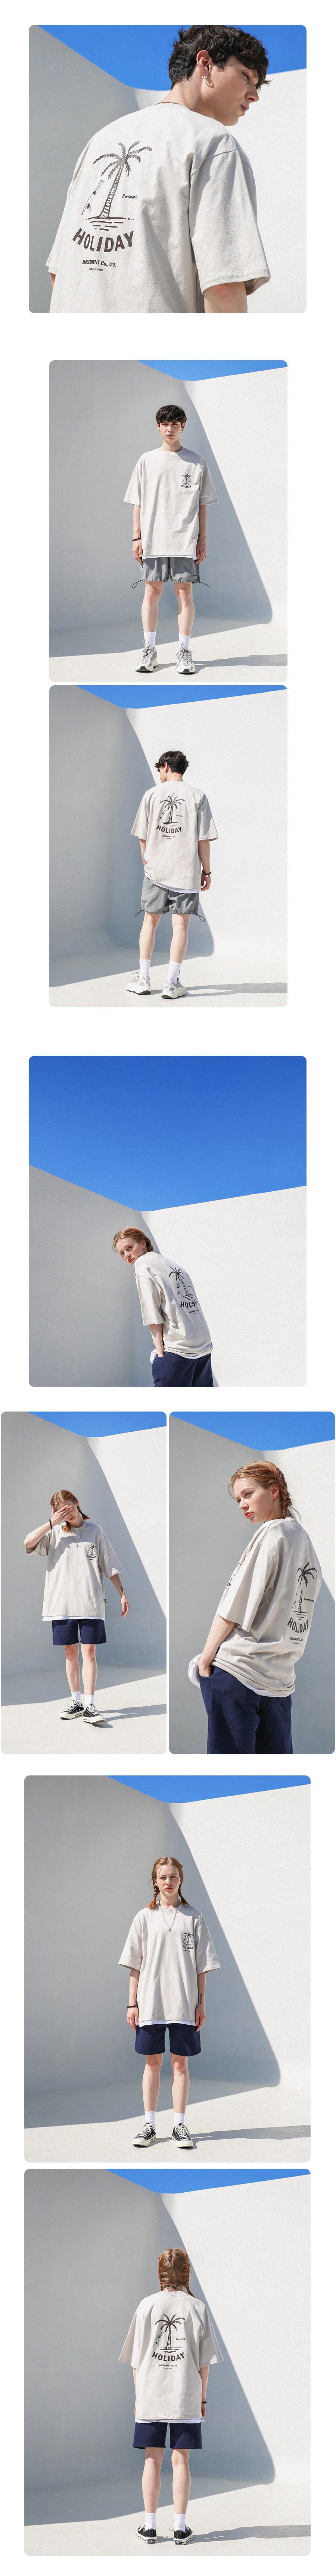 [UNISEX] 홀리데이 오버핏 반팔 티셔츠 (애쉬베이지)